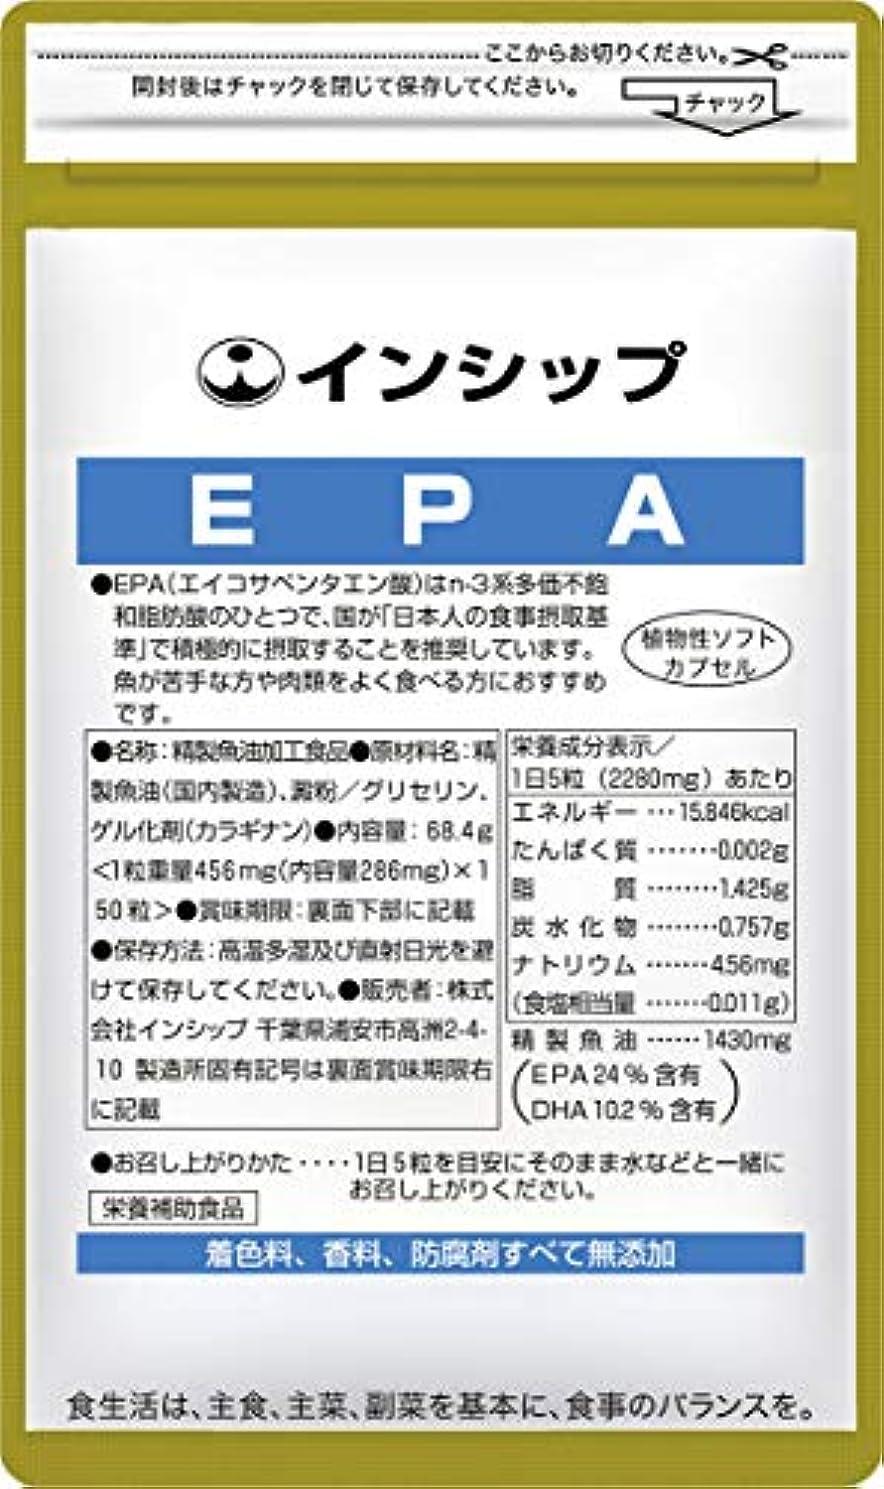 ラメ発症臭いインシップ EPA(エイコサペンタエン酸) 440mg×150粒 30日分